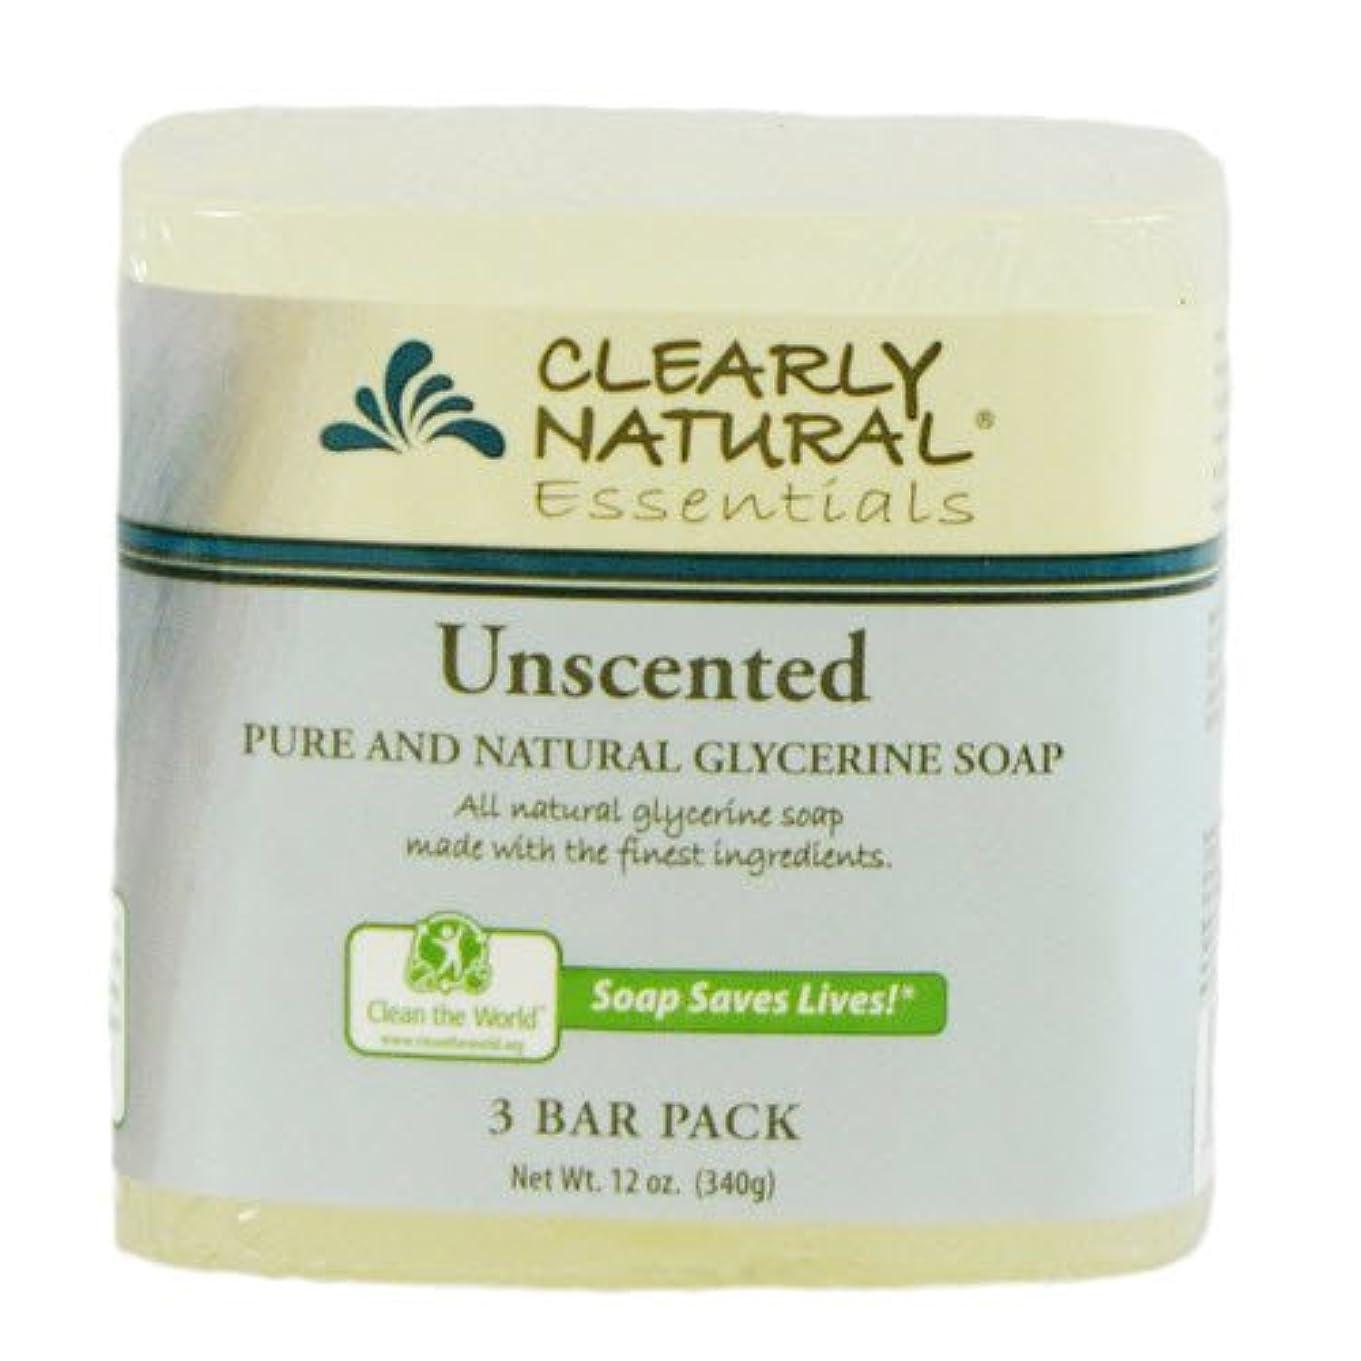 を除くキャンペーン率直なClearly Natural, Pure and Natural Glycerine Soap, Unscented, 3 Bar Pack, 4 oz Each